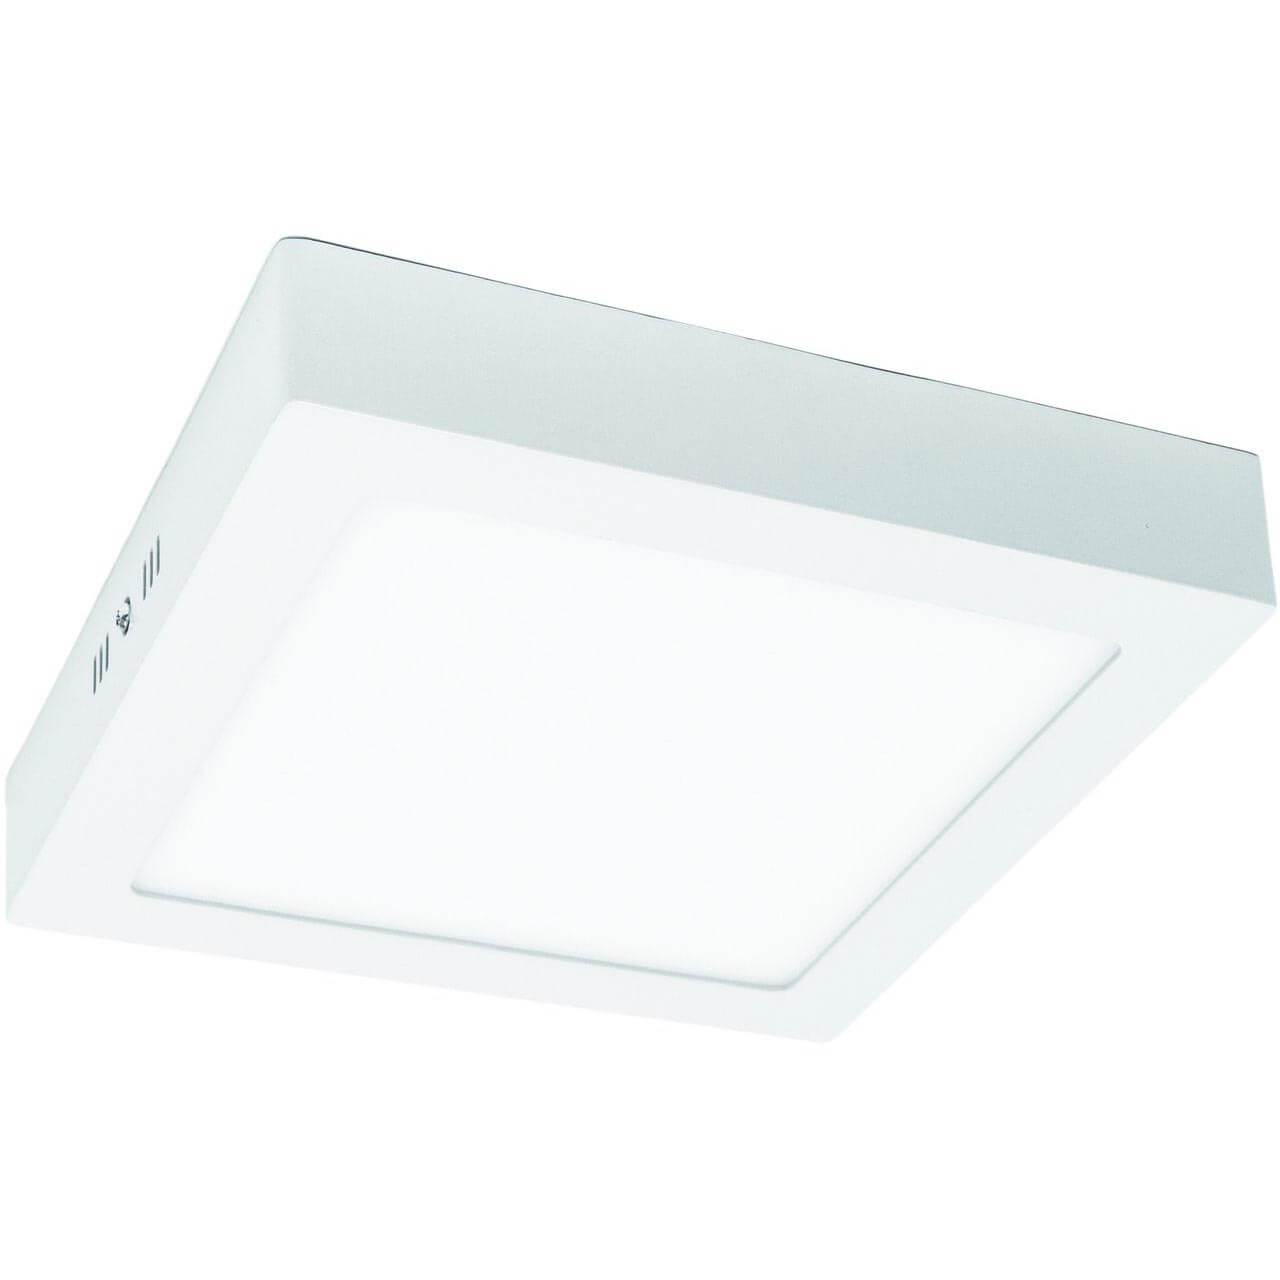 купить Потолочный светильник Arte Lamp Angolo A3618PL-1WH недорого